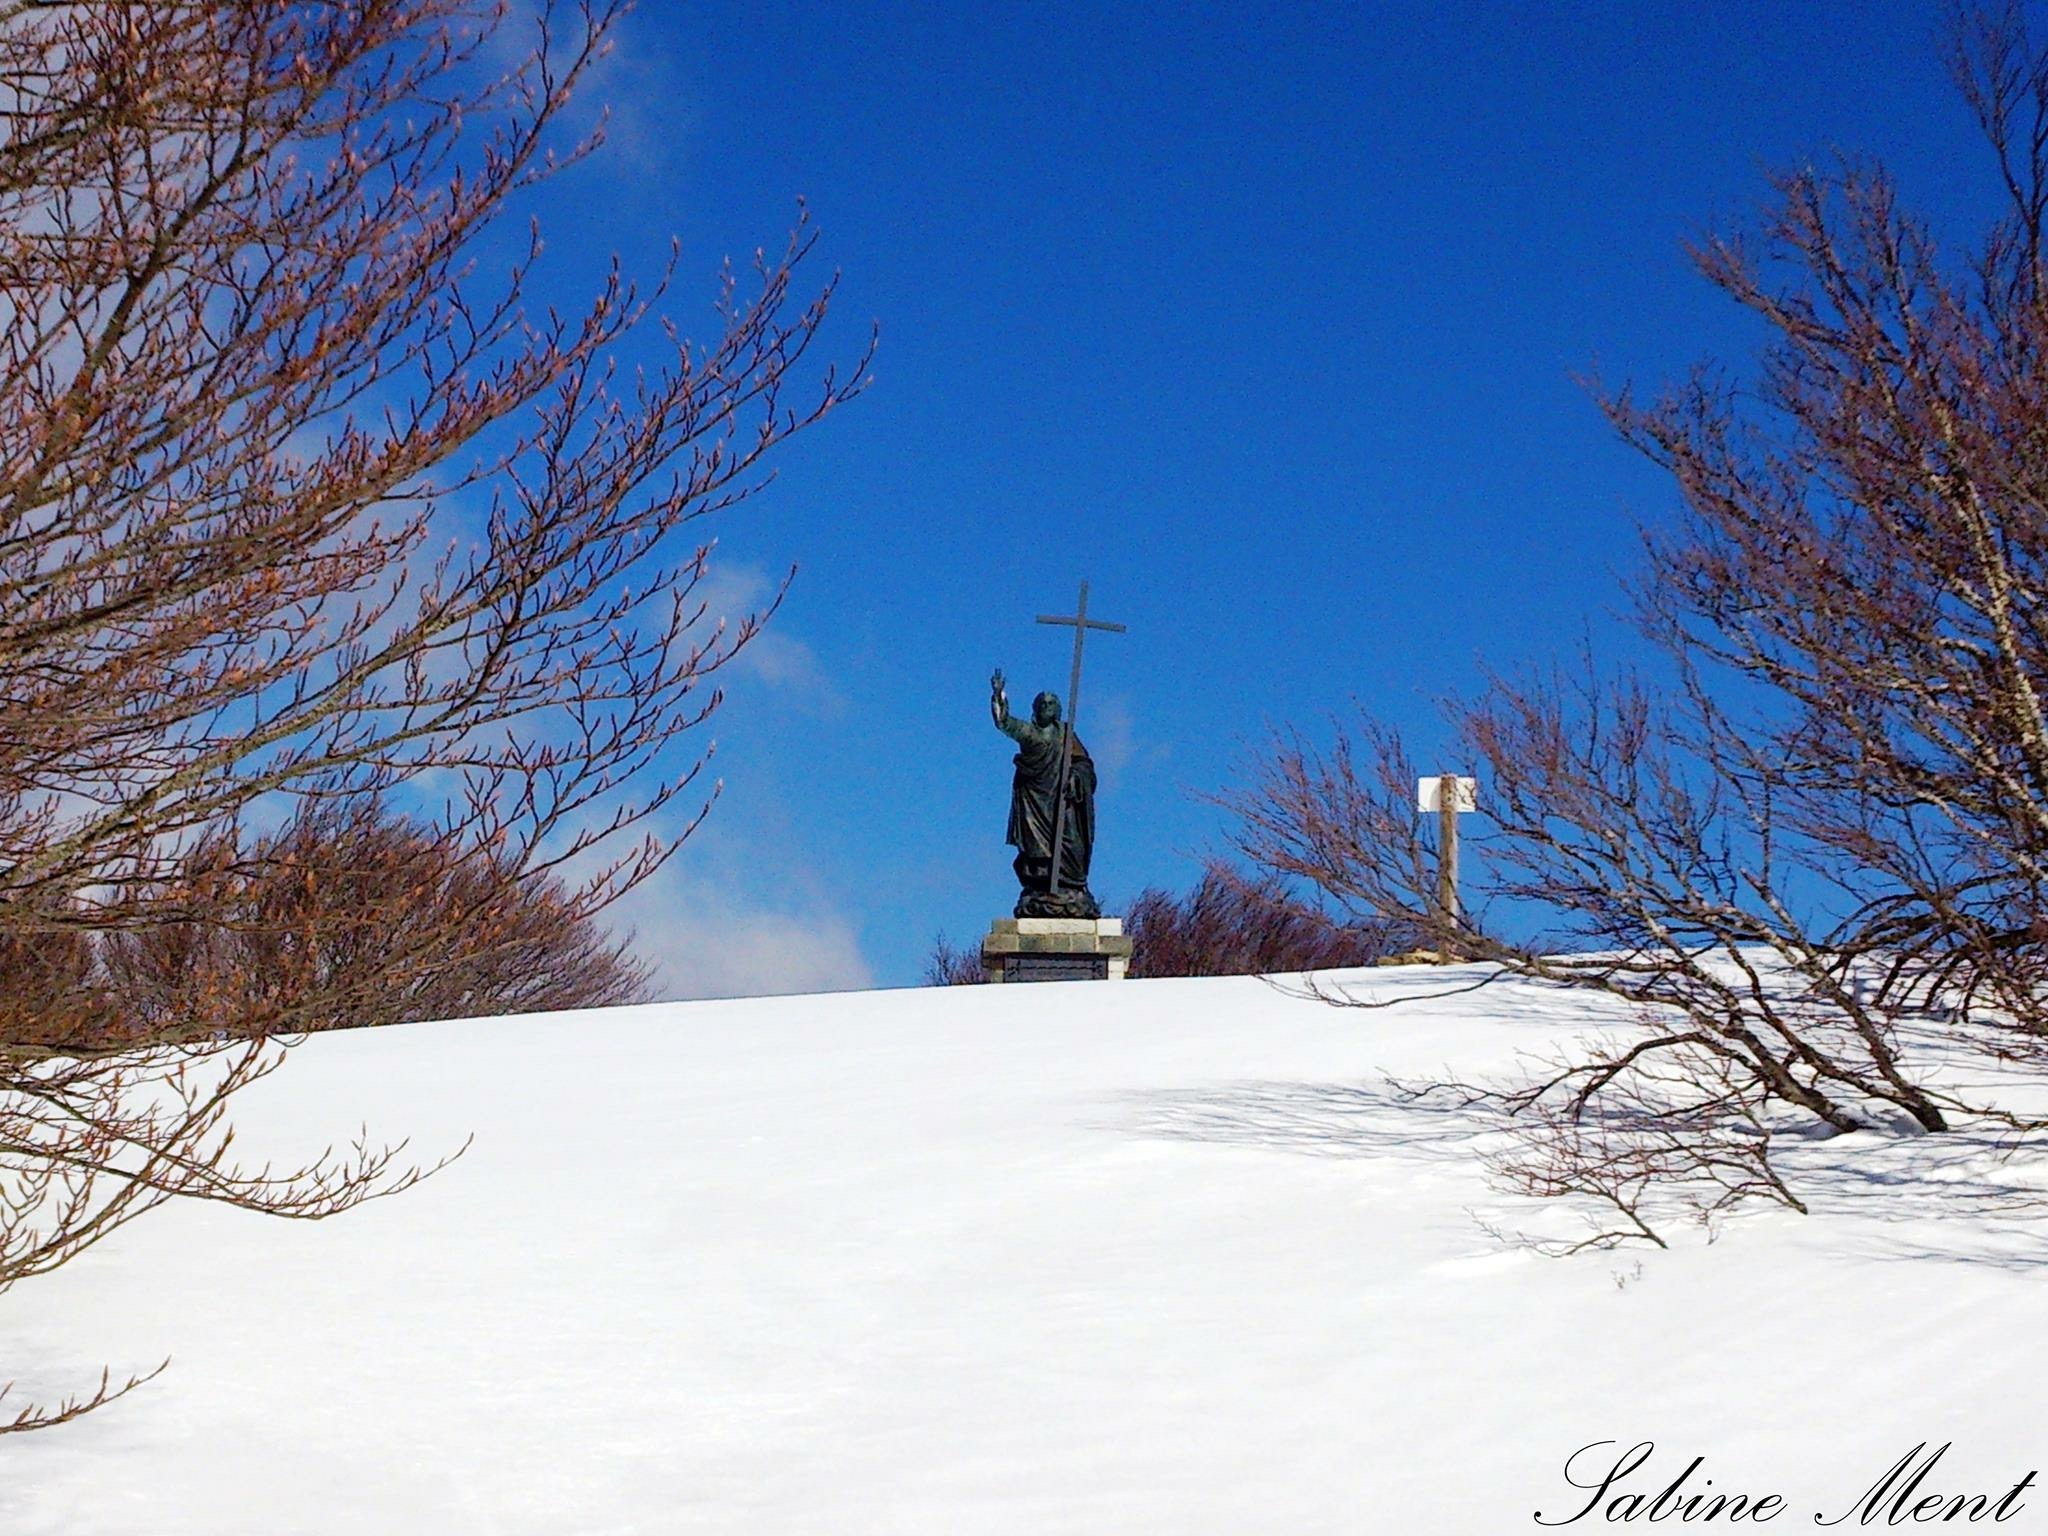 meteo di martedì e mercoledì: ancora primavera con deboli disturbi